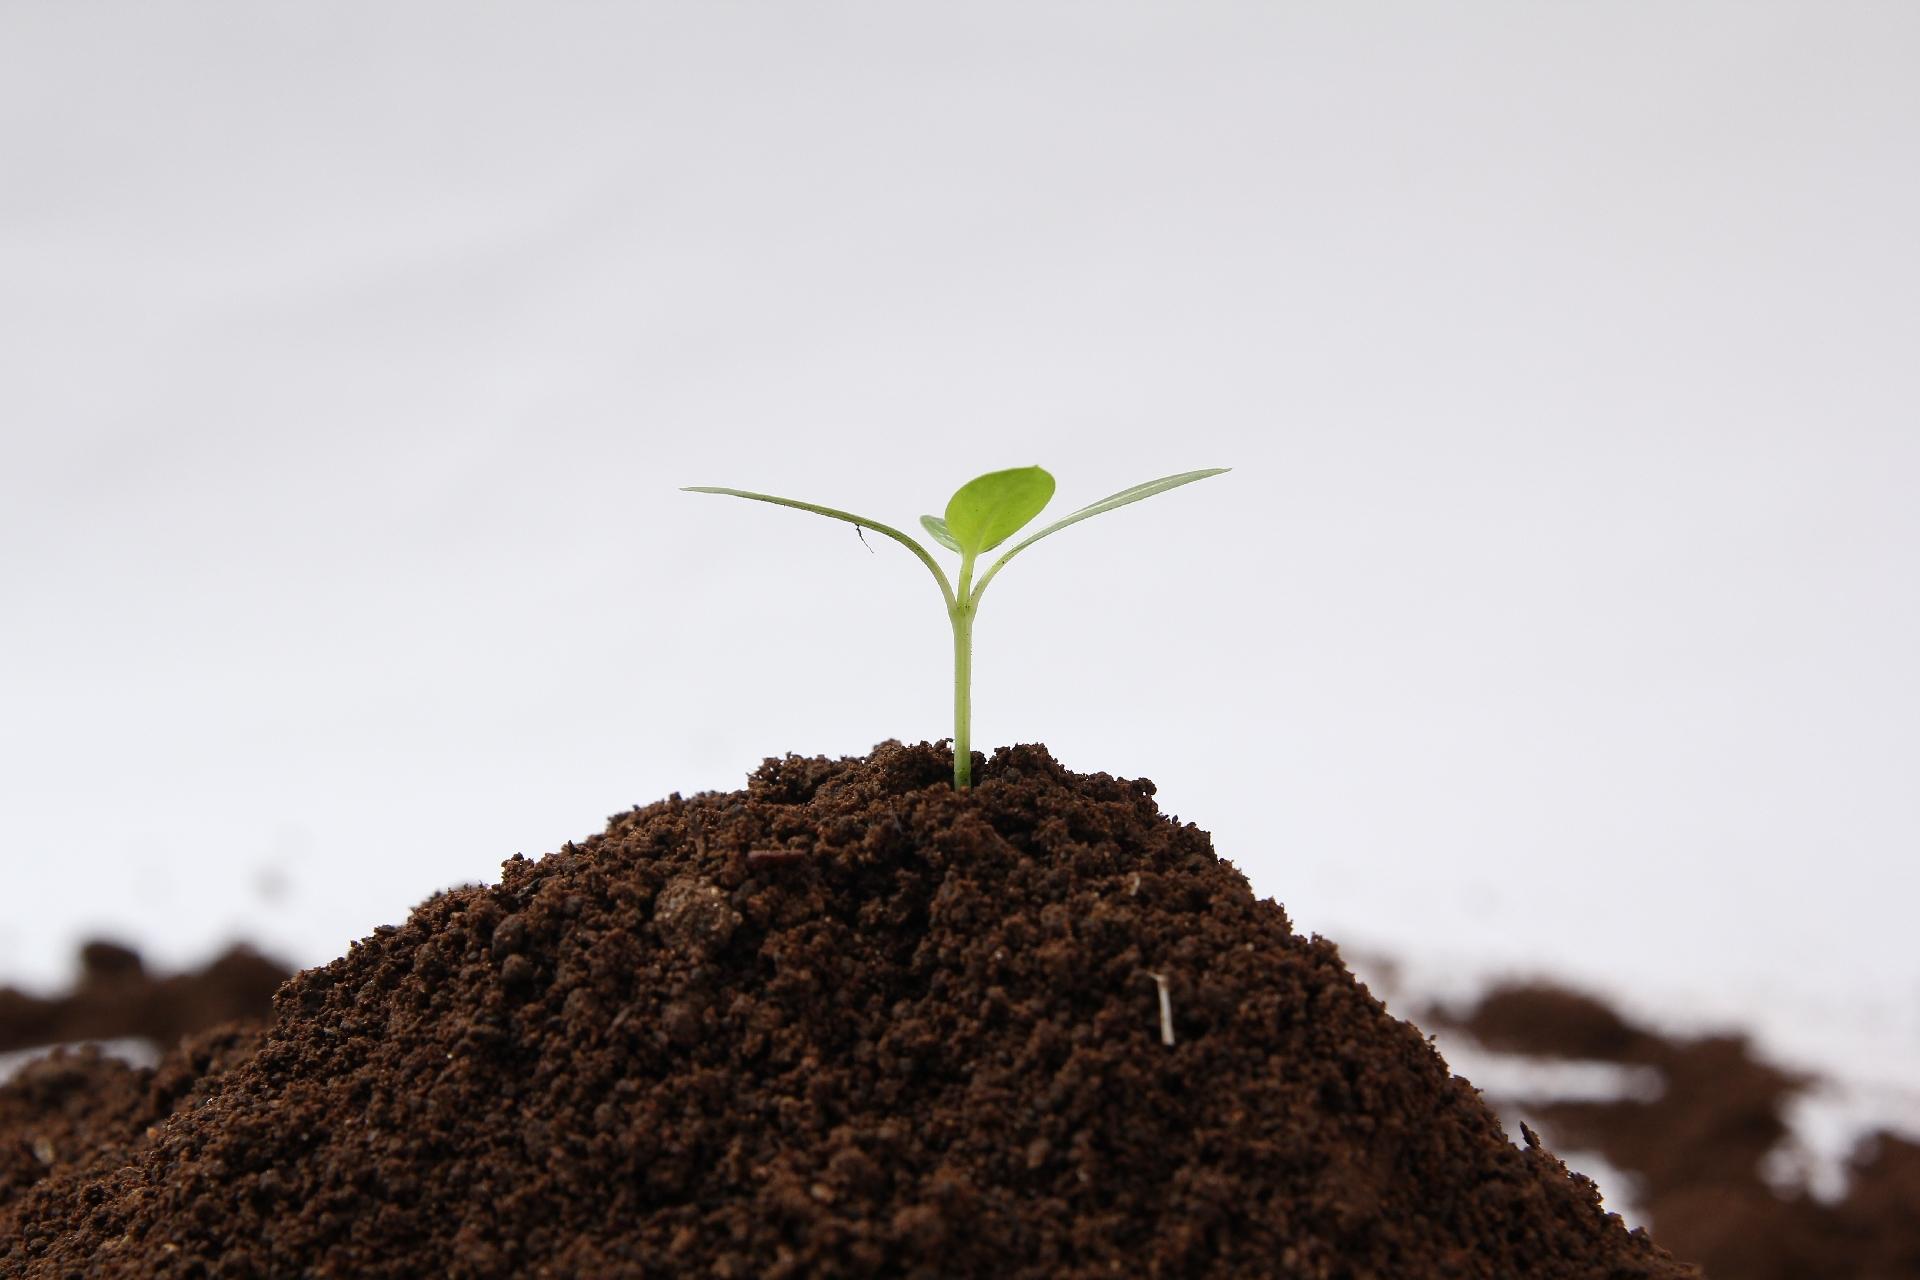 8f6276b8548ceed34538d2d0fae01476 m 毛髪の「森」を育てるには、「大地」となる頭皮を育てましょう